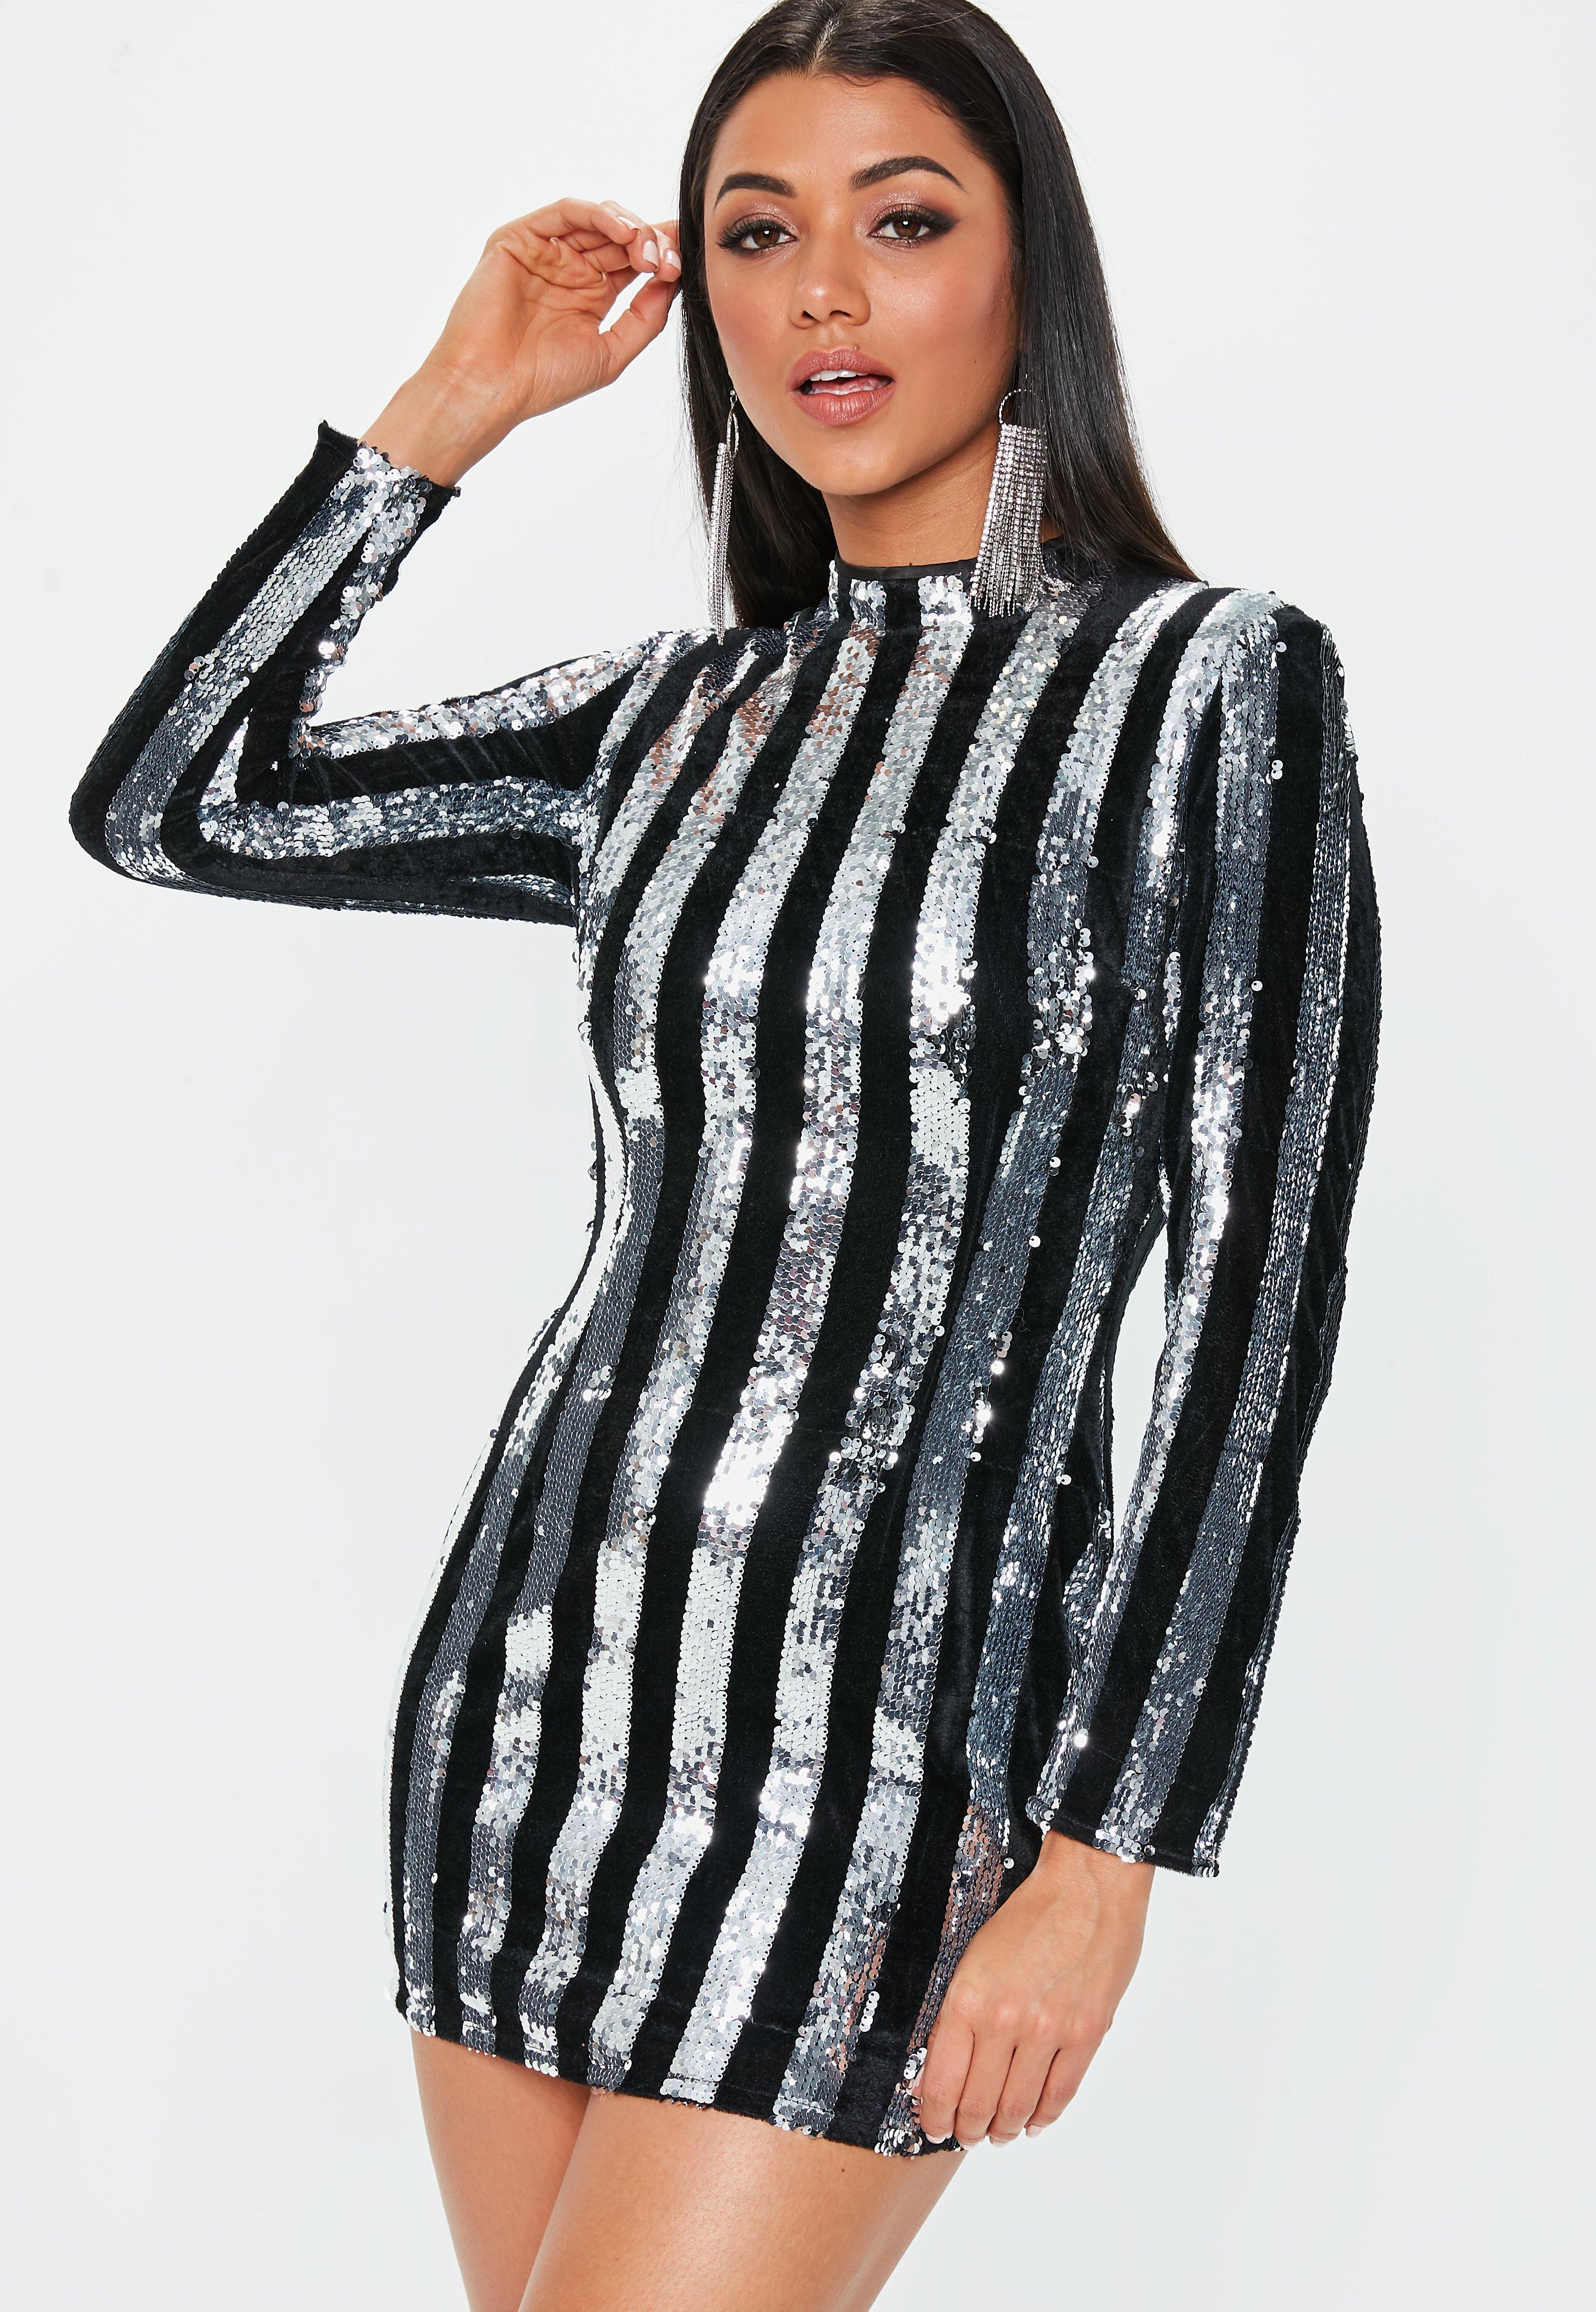 867b5baf6c1 Sequin Dresses - Sparkly Dresses Online